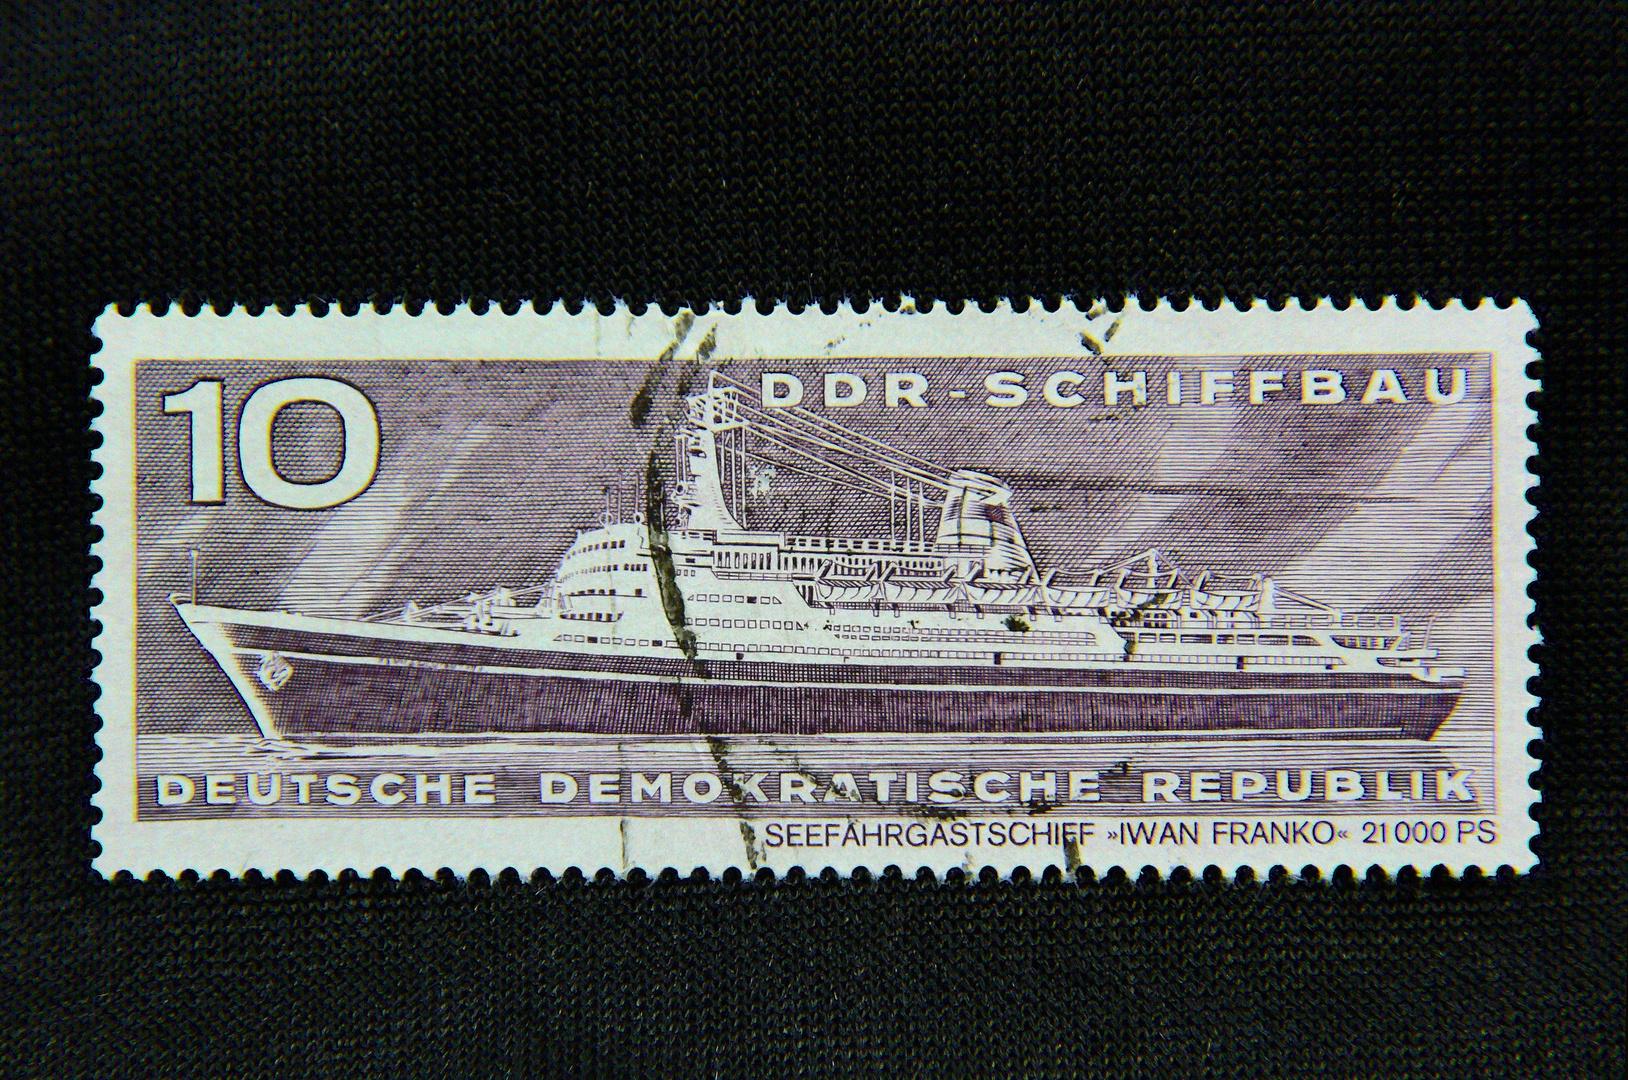 10-Pfennig-Marke der damaligen DDR